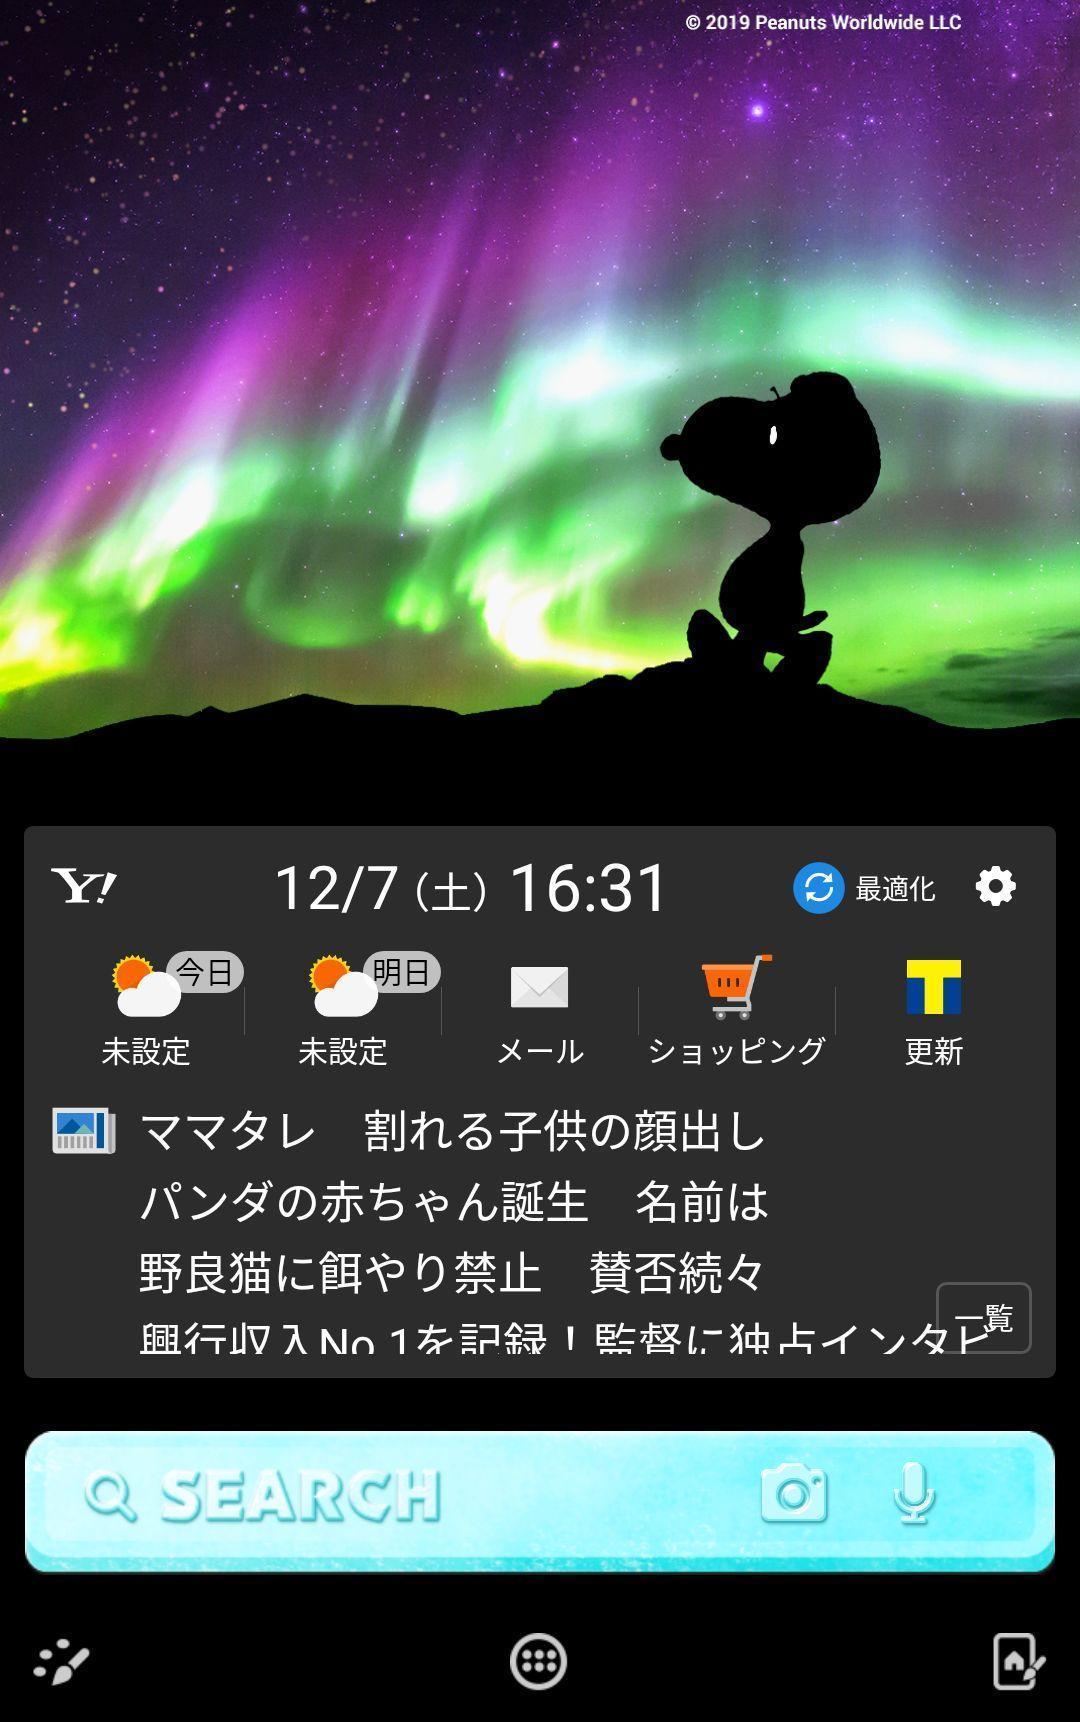 スヌーピー 壁紙きせかえ オーロラ For Android Apk Download